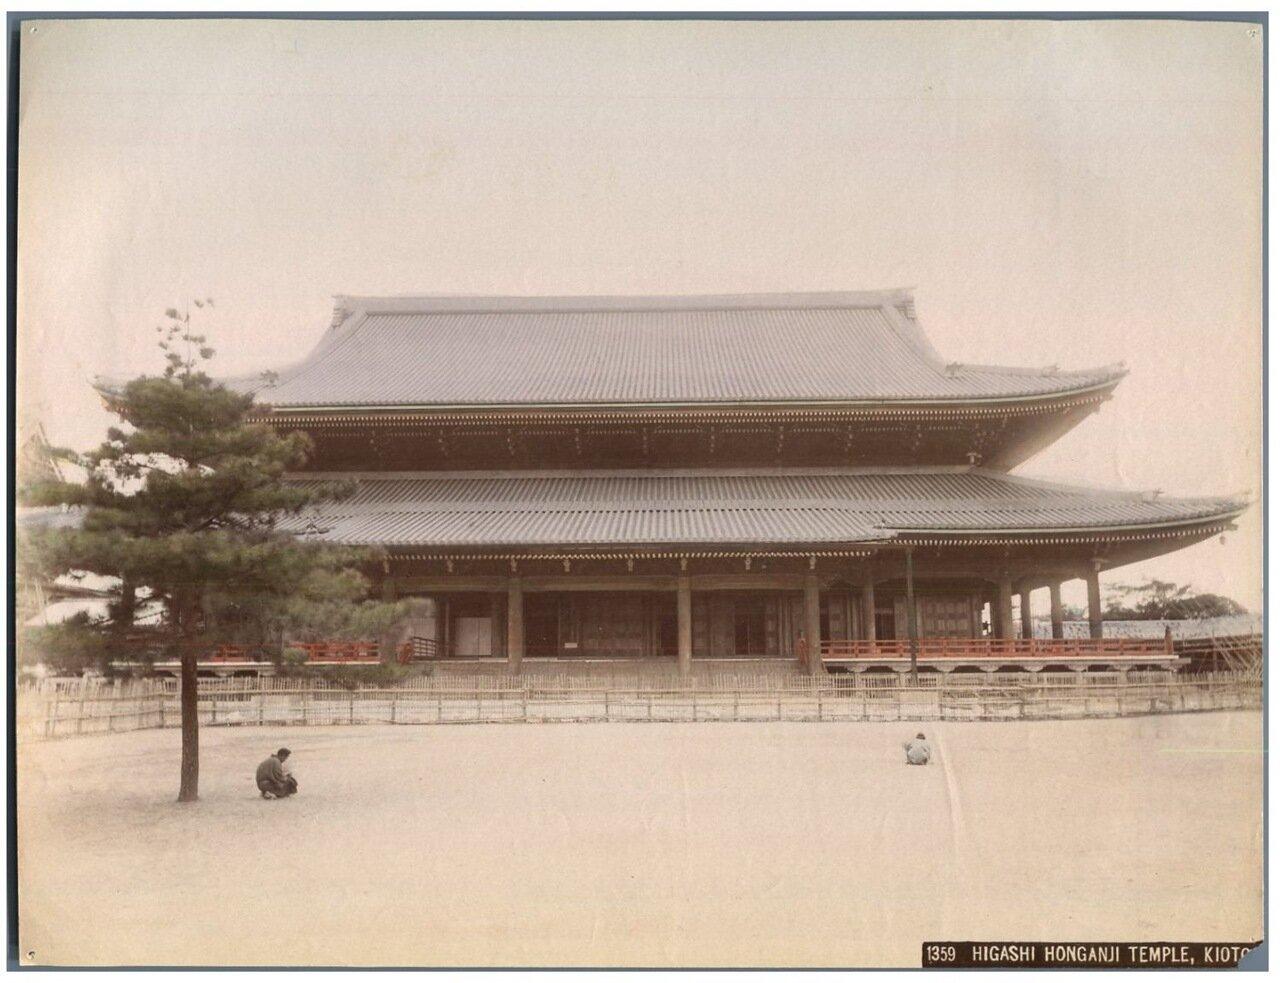 Киото. Храм Хигаси Хонгандзи